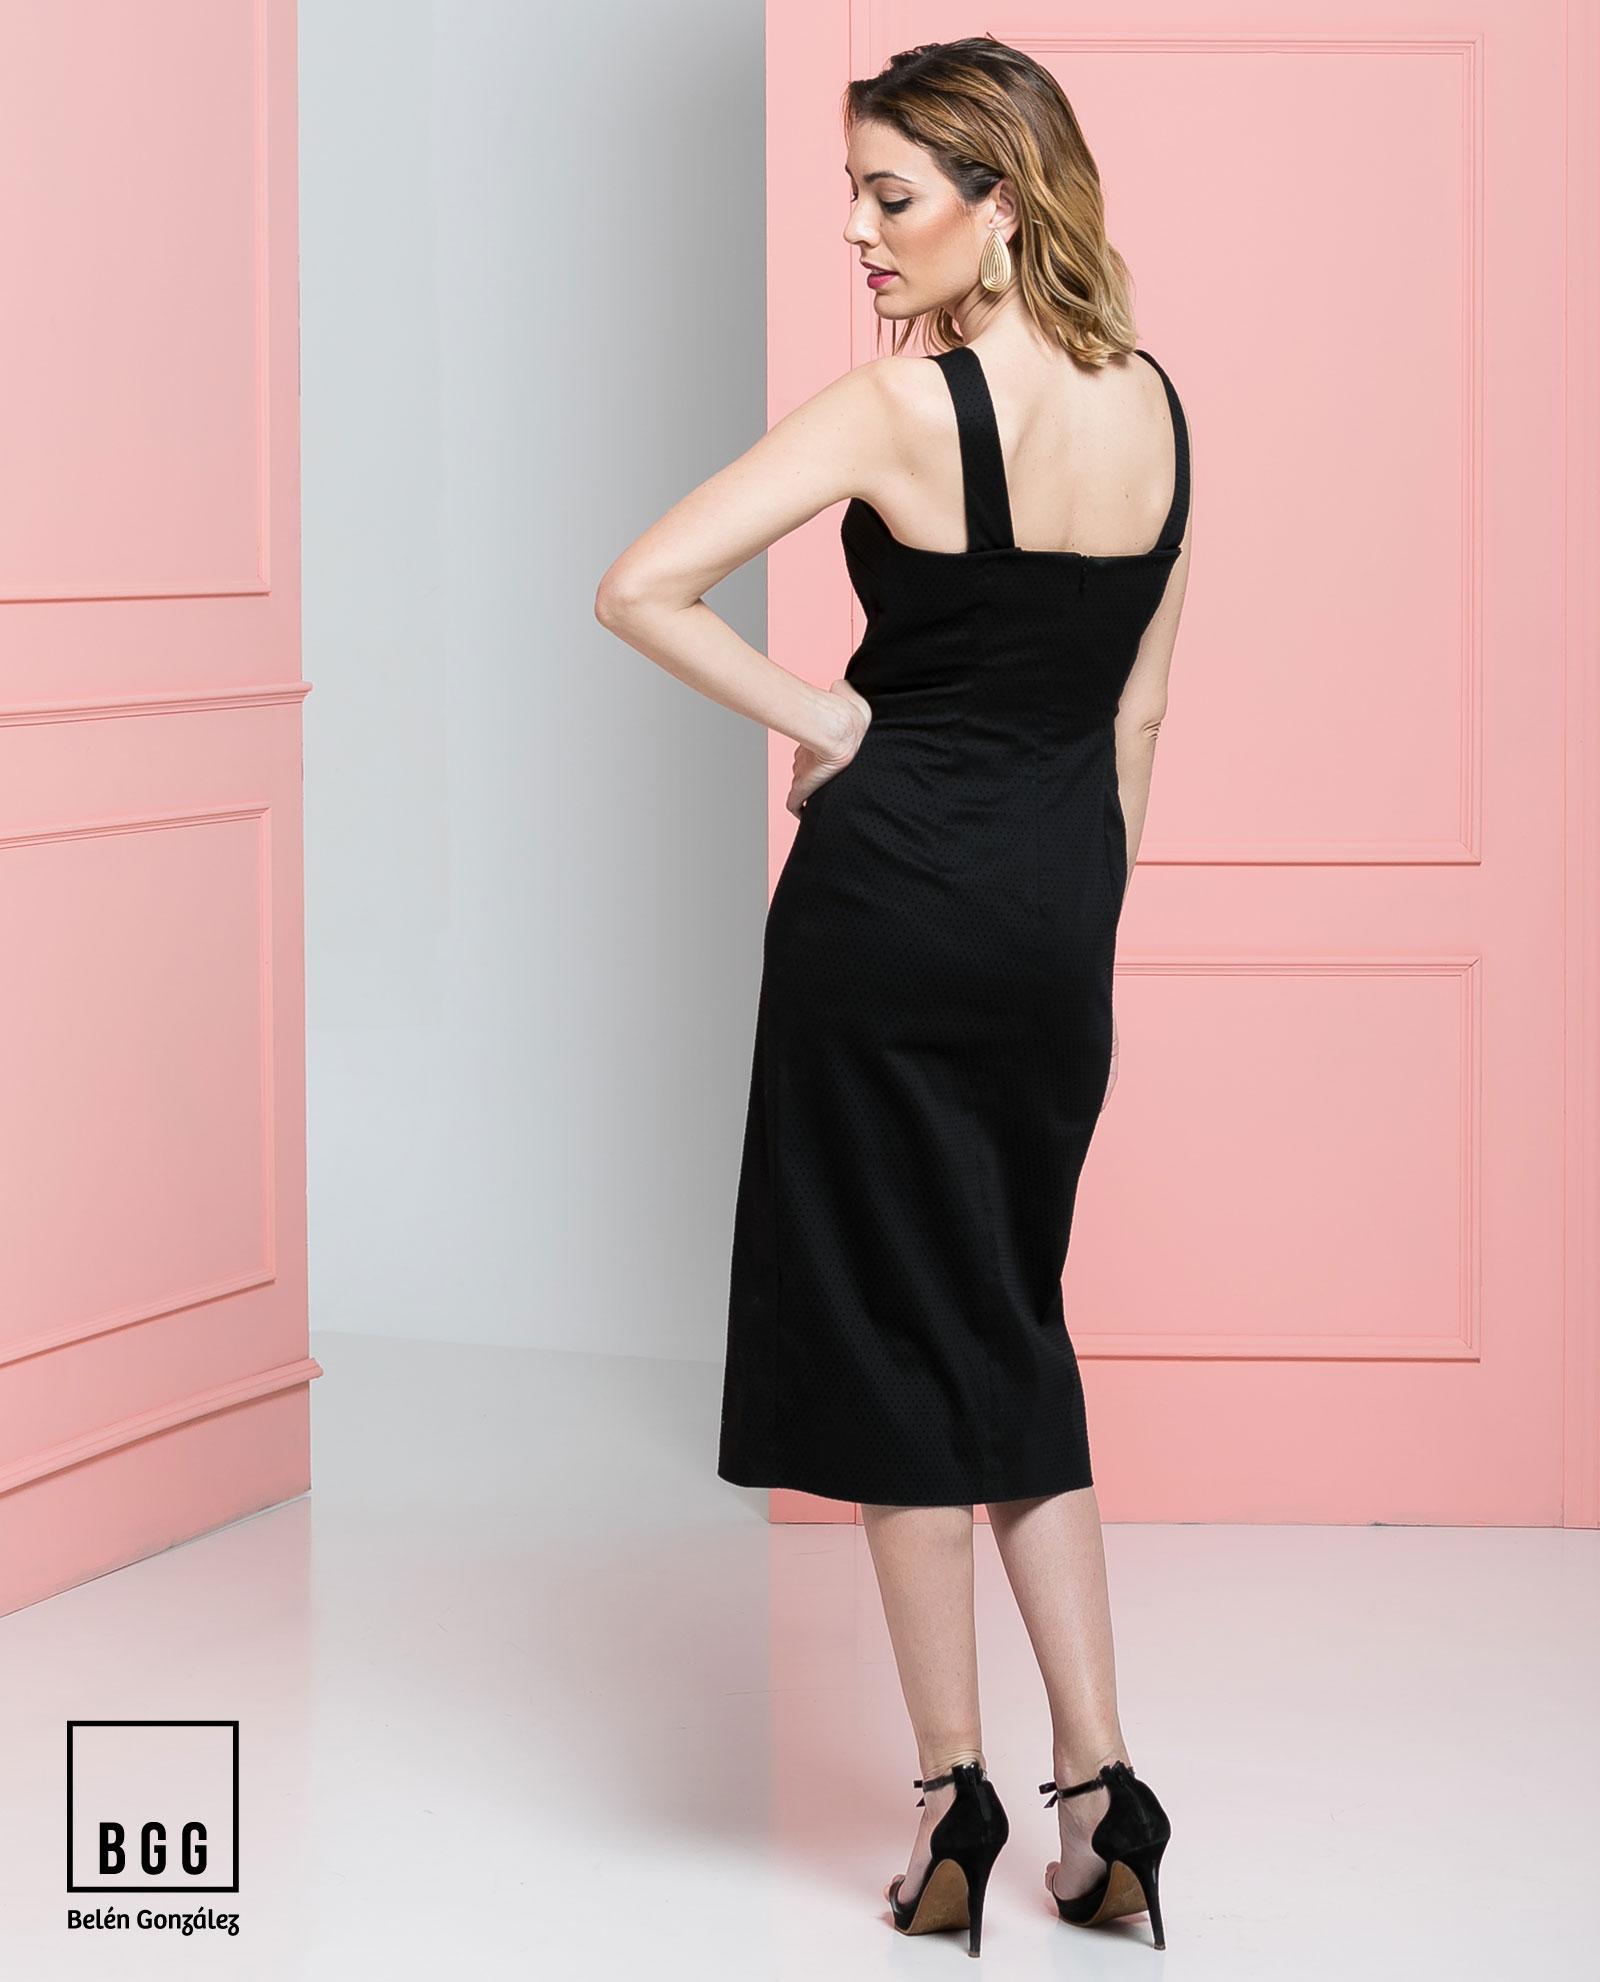 Increíble Vestidos De Dama De Menos De 50 Dólares Cresta - Colección ...